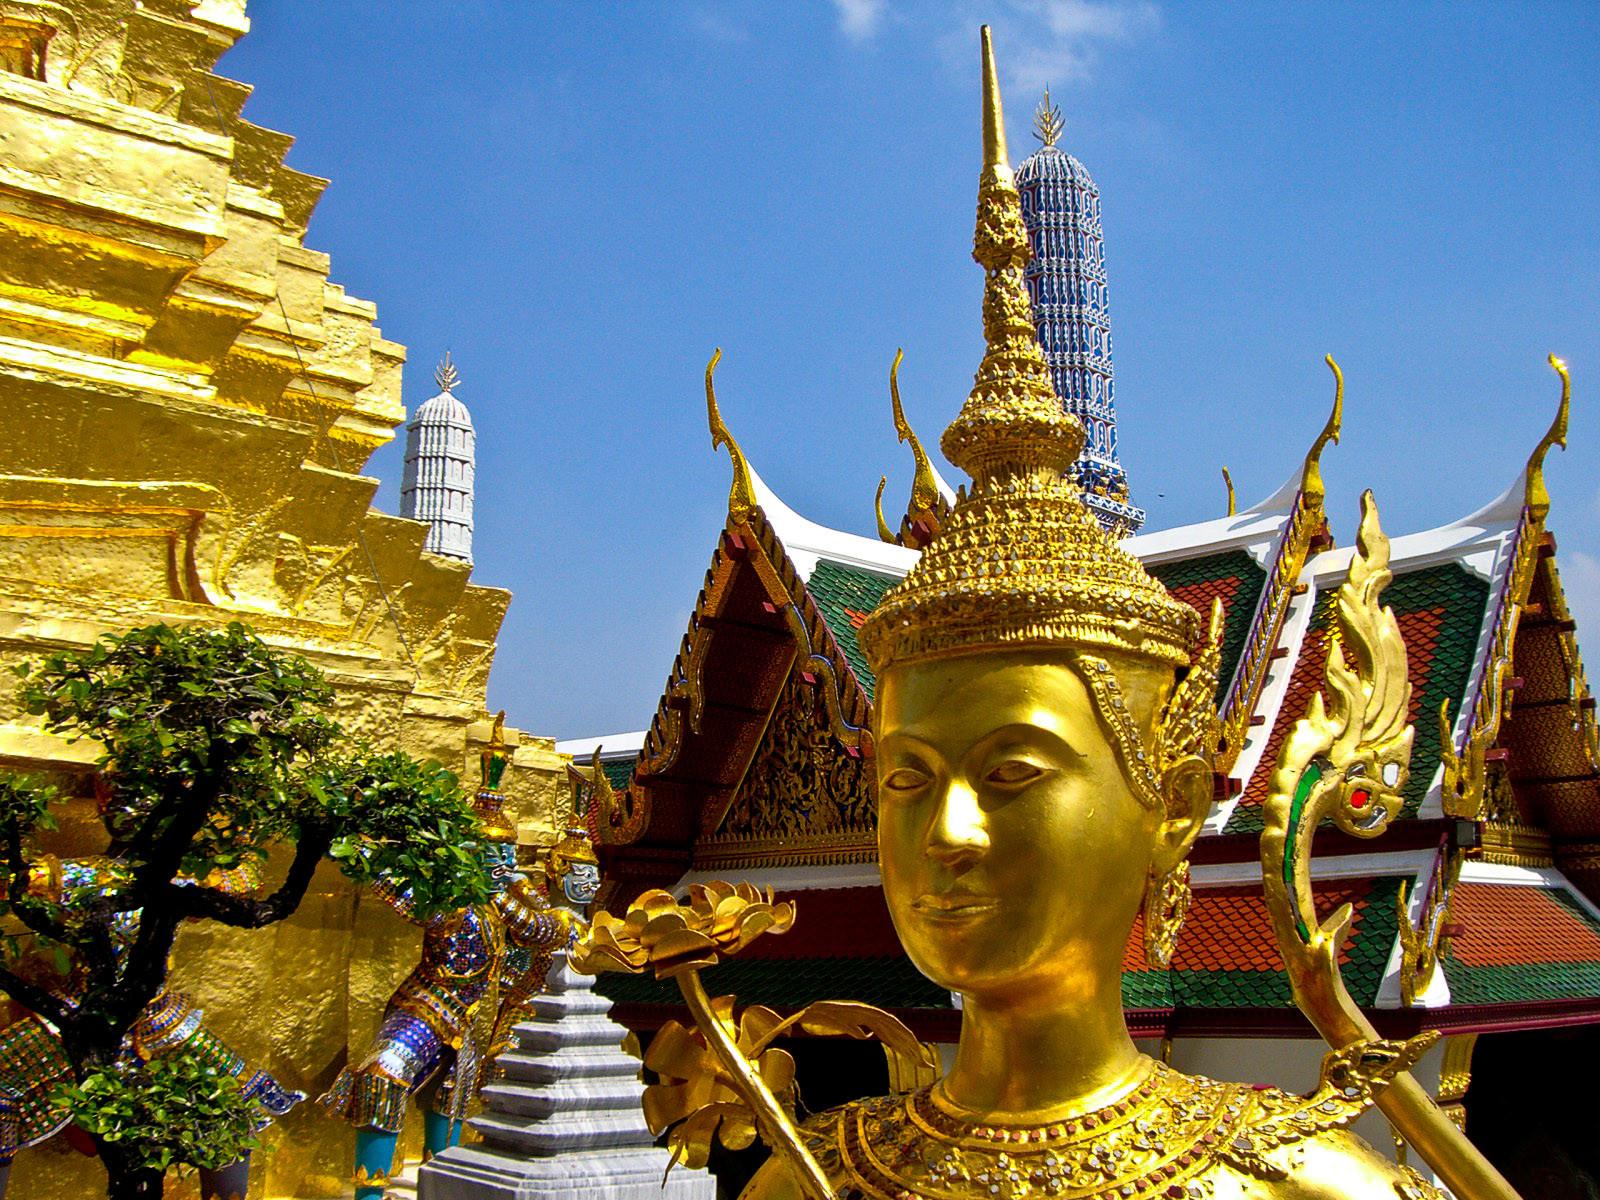 Der Königspalast von Bangkok ist auf jeden Fall einen Ausflug wert und fasziniert mit wunderschönen Gebäuden und Tempeln